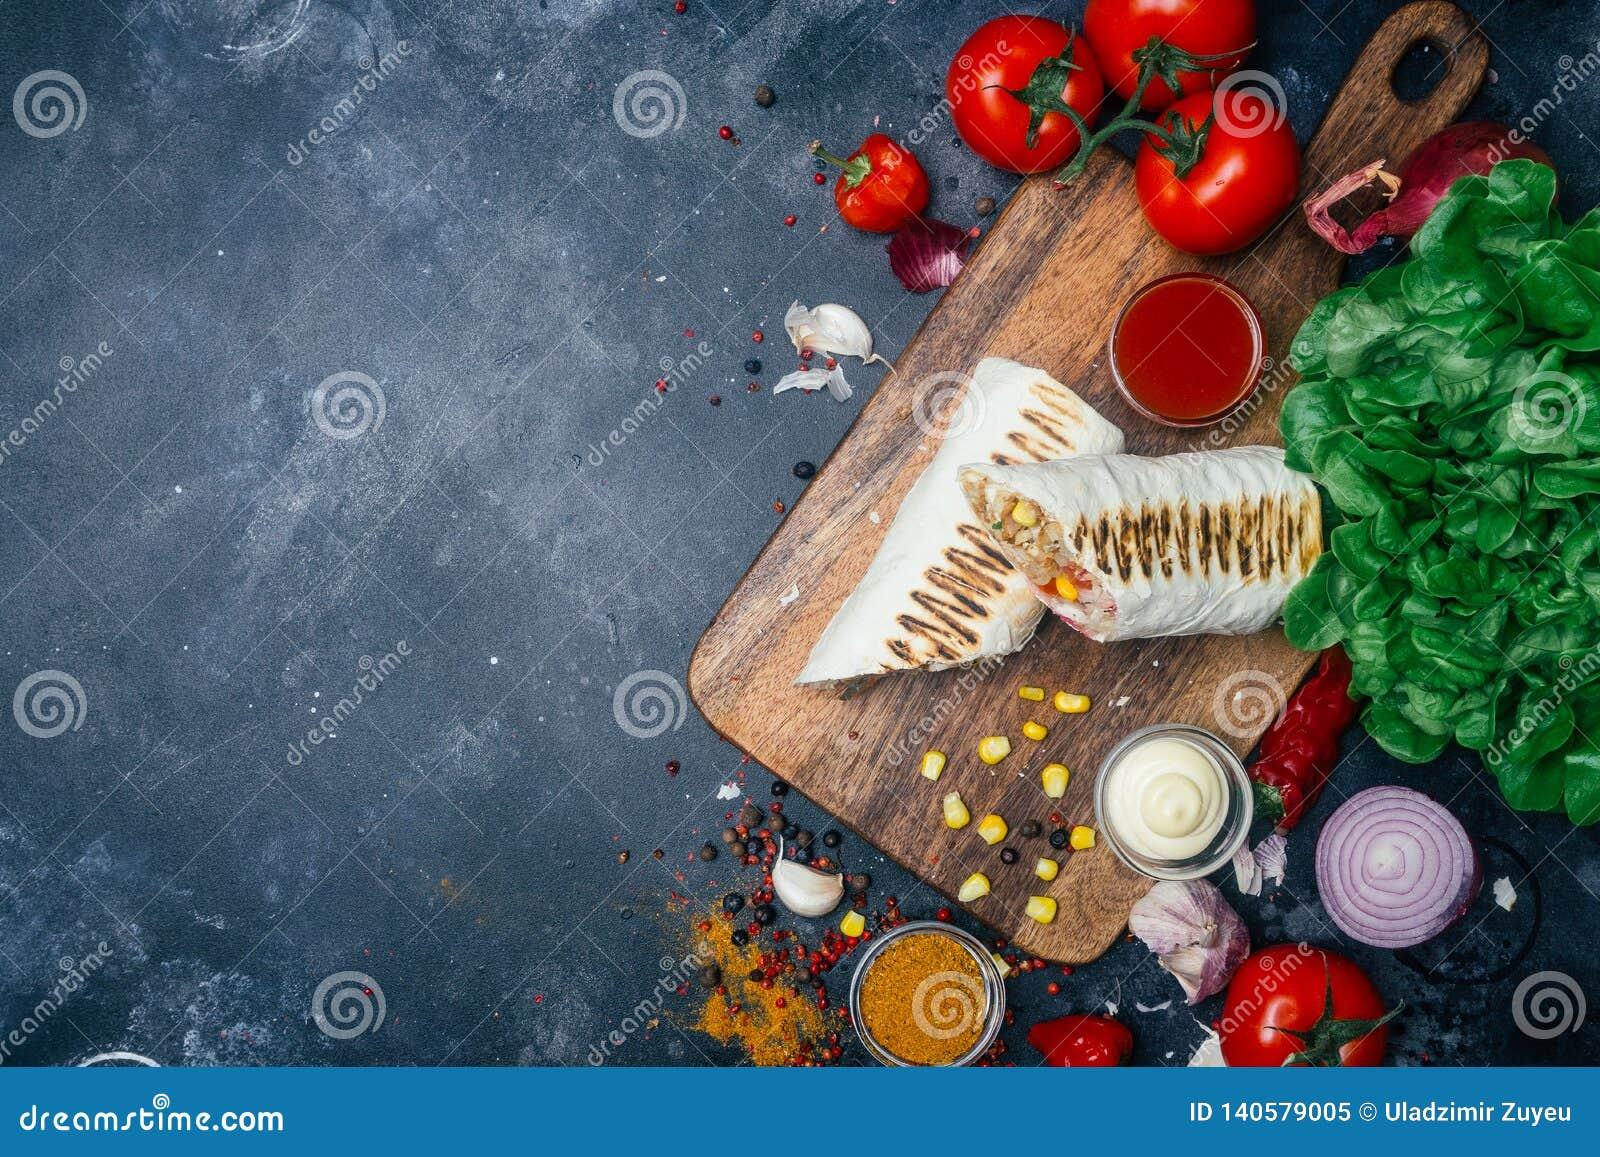 Burritosomslagen met geroosterde vlees en groenten - peper, tomaten en graan